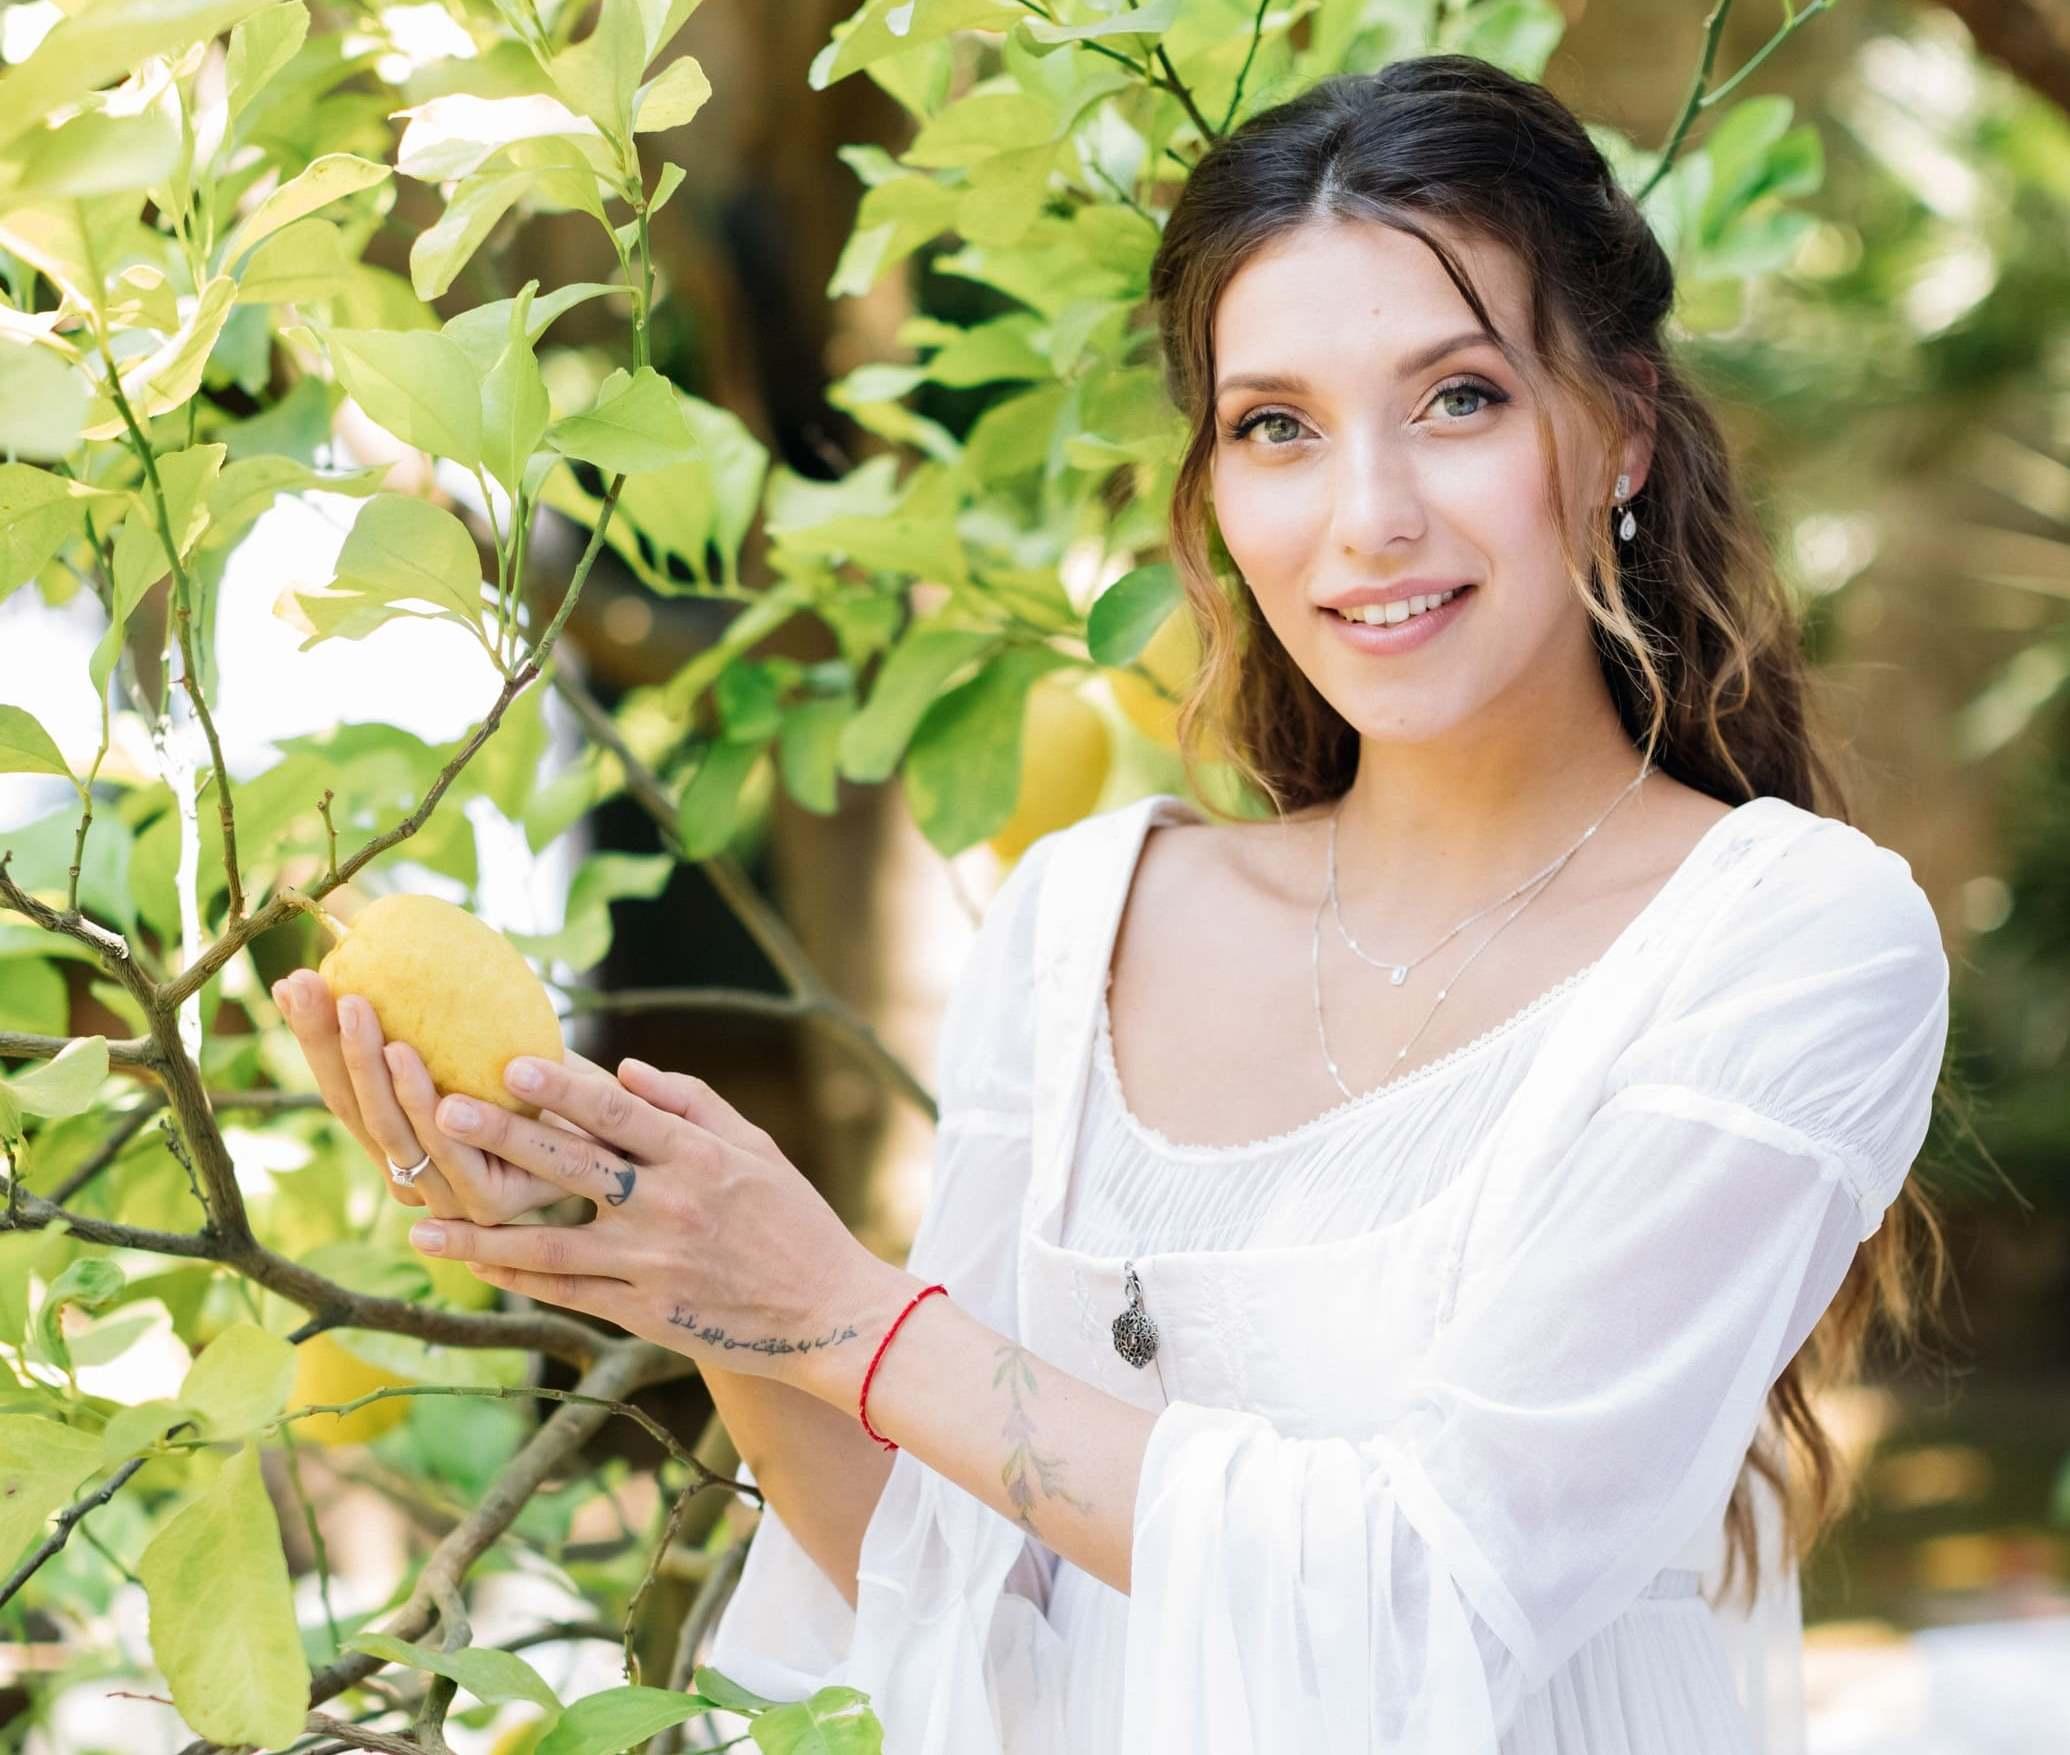 Регина Тодоренко от «А» до «Я»